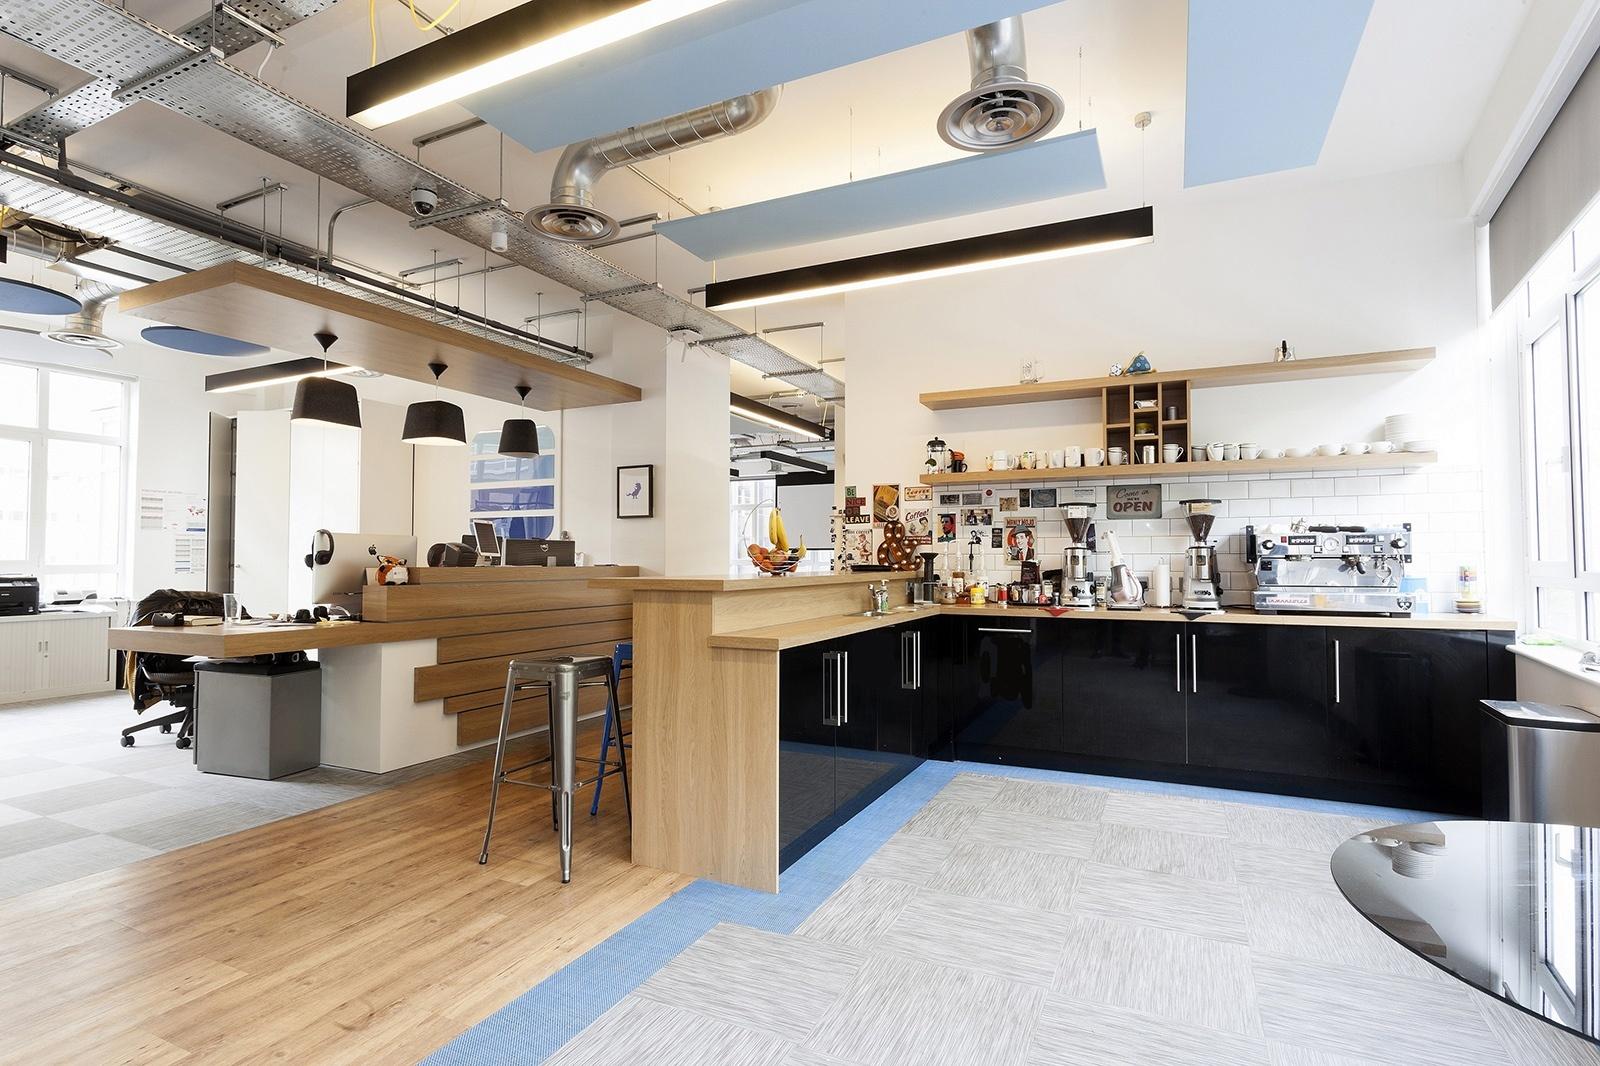 A Peek Inside Stack Exchange S Hip London Office